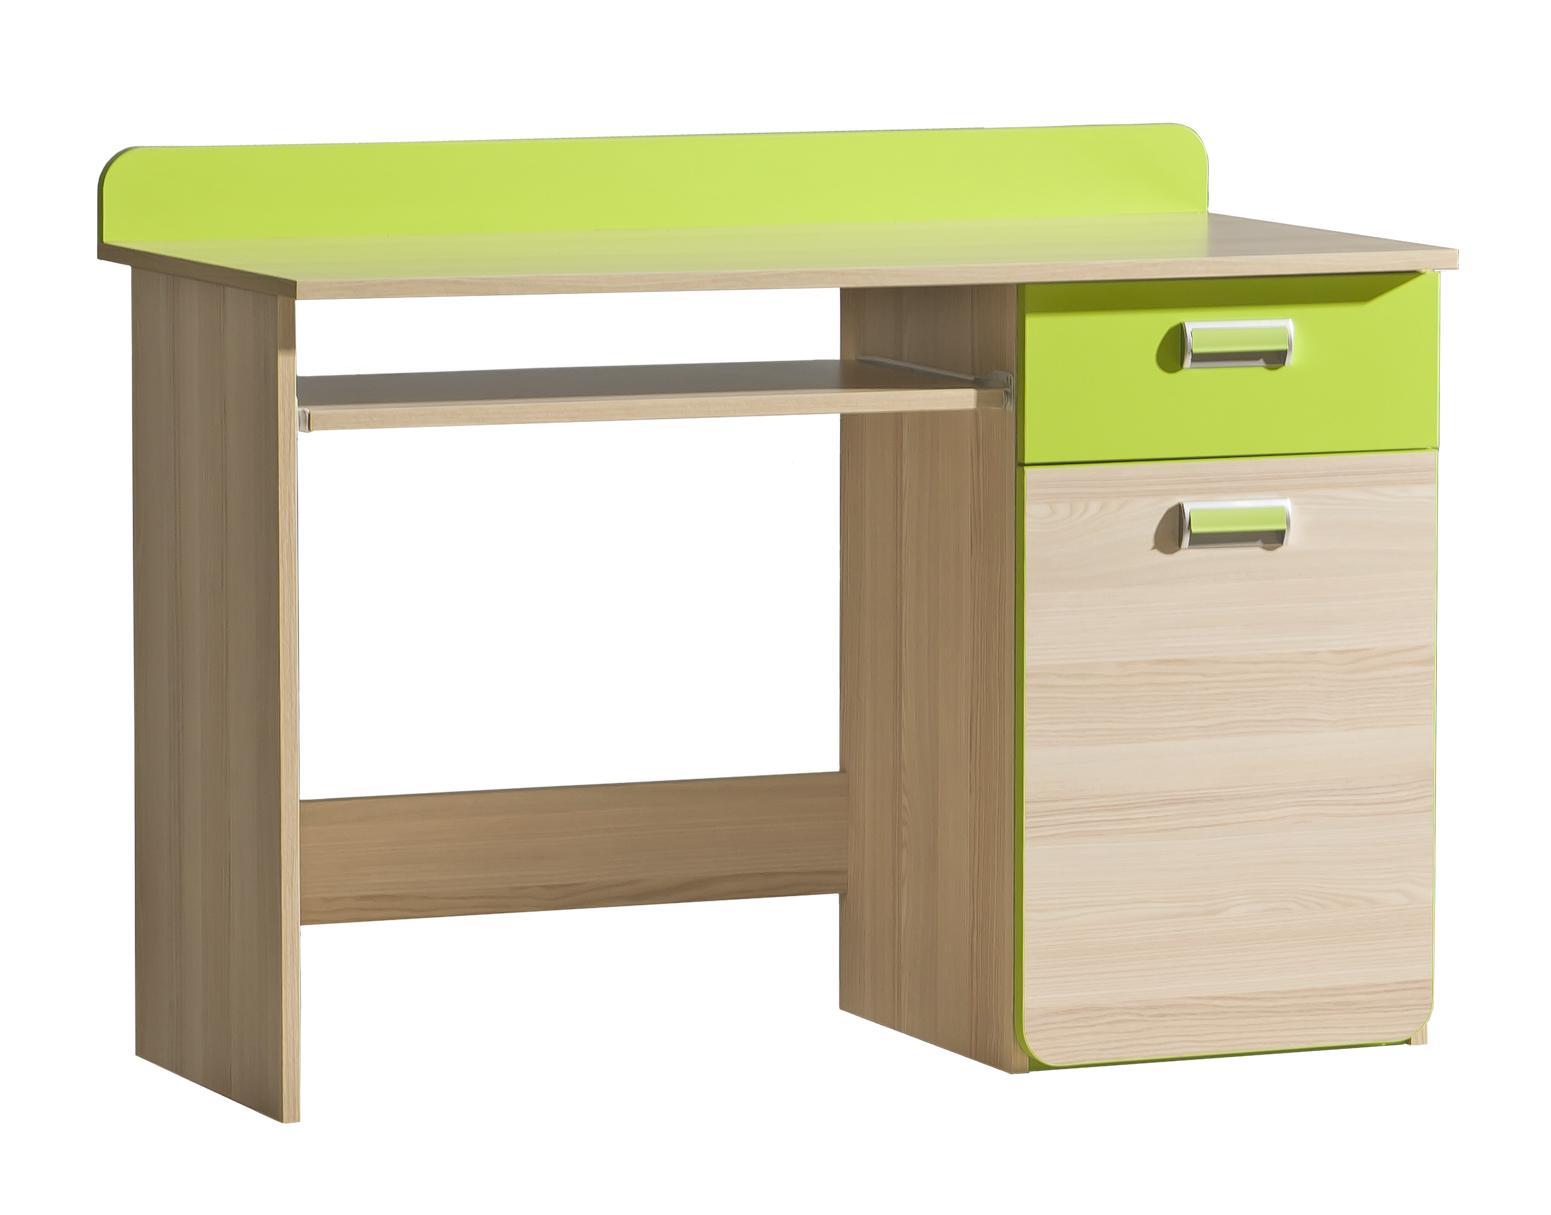 PC stolek - Lavendon - L10 (zelená)